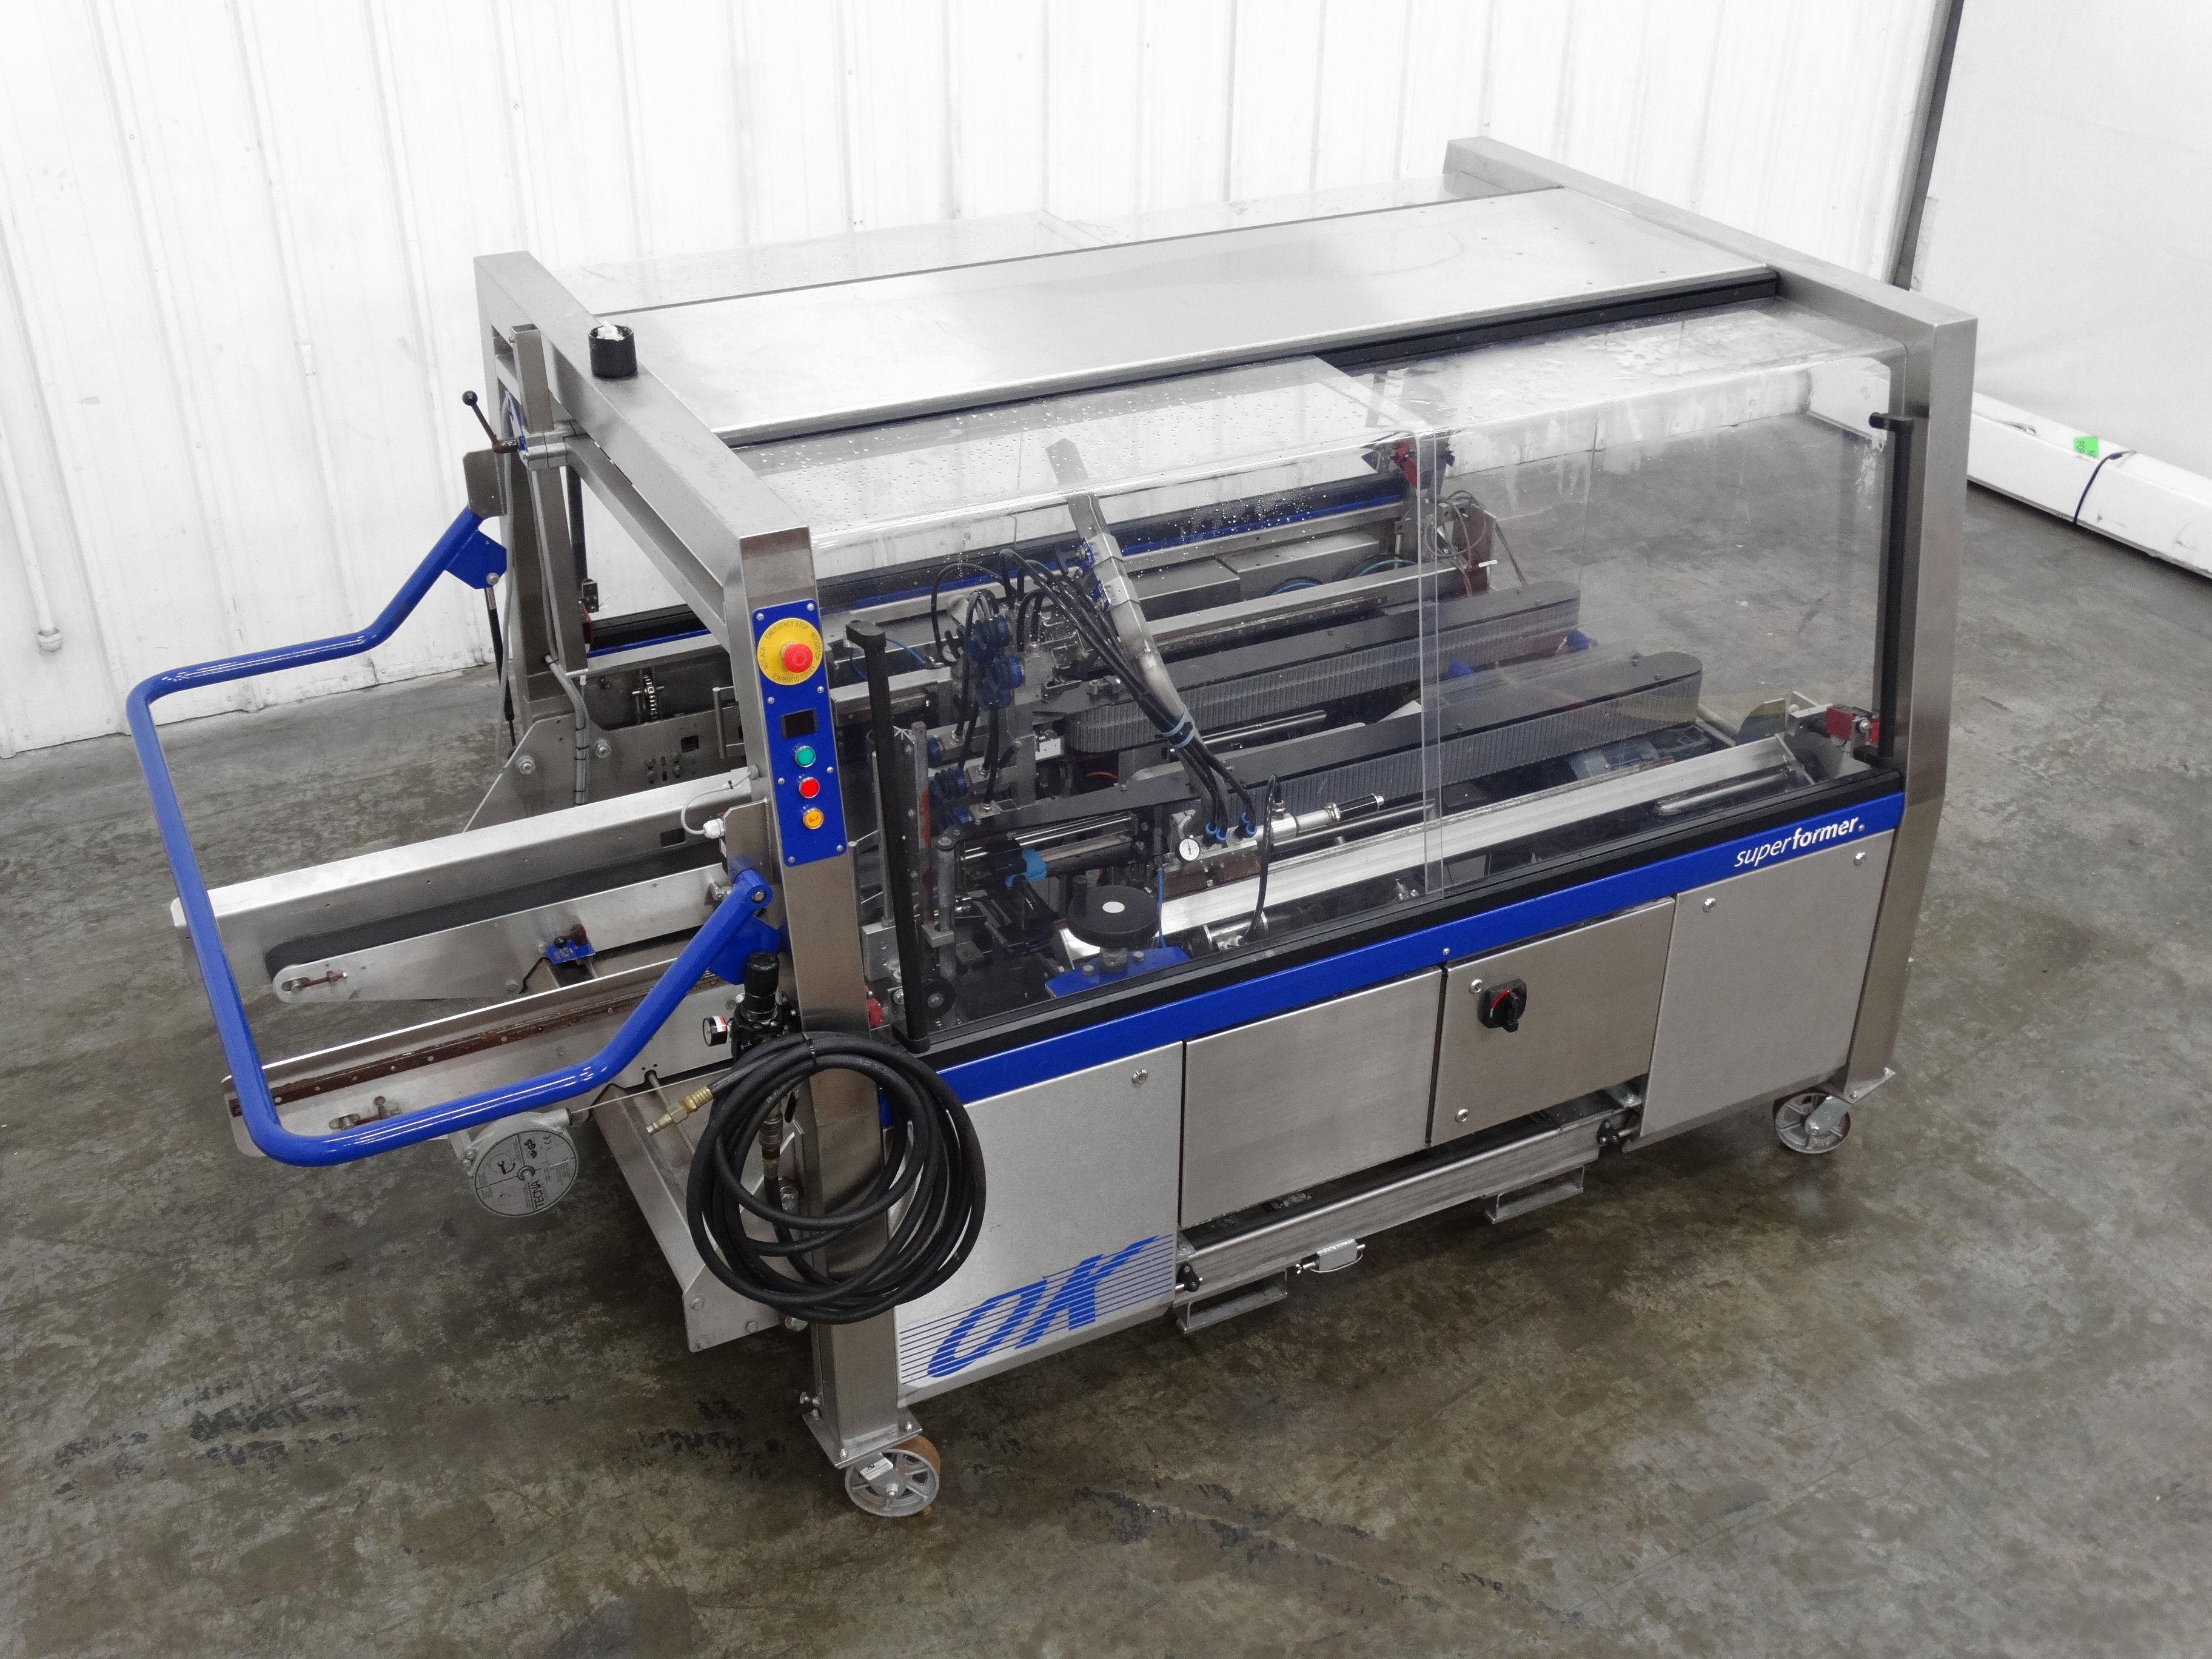 OK International Superformer 2M Case Erector B5007 - Image 6 of 16